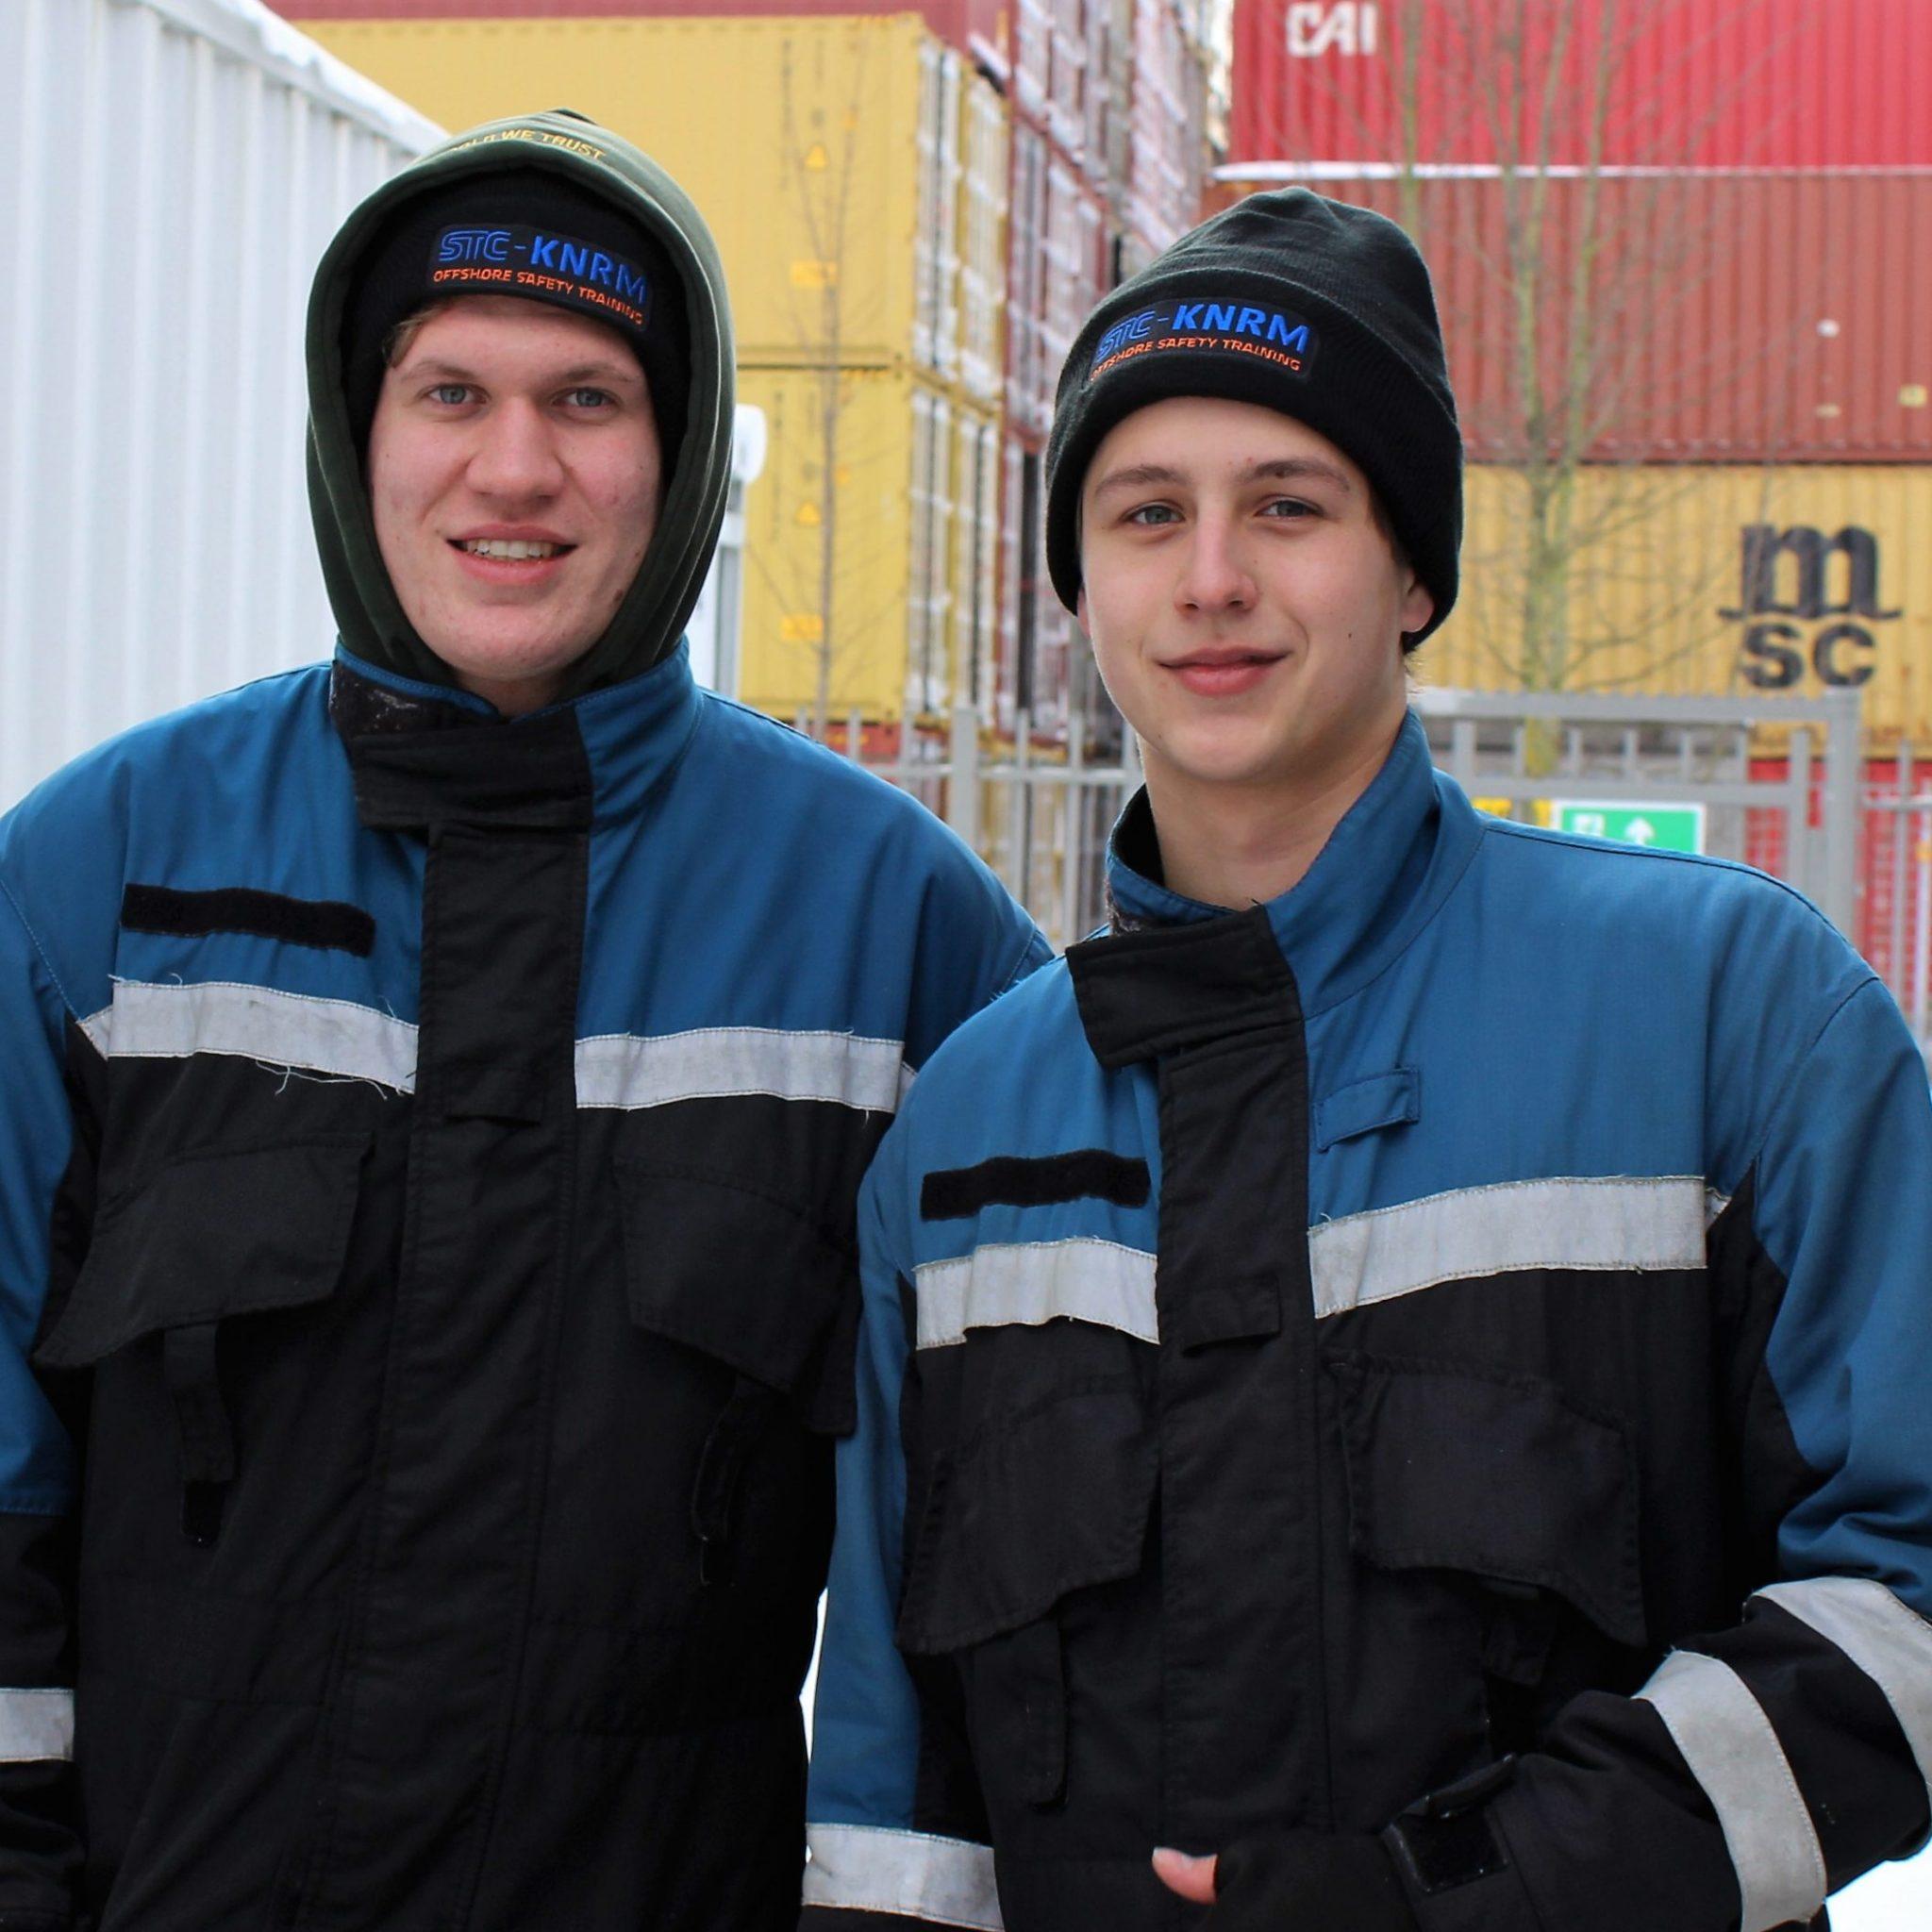 Twee MBO studenten van het Rotterdamse STC. Zij krijgen praktische trainingen. (Foto Hans Heynen)